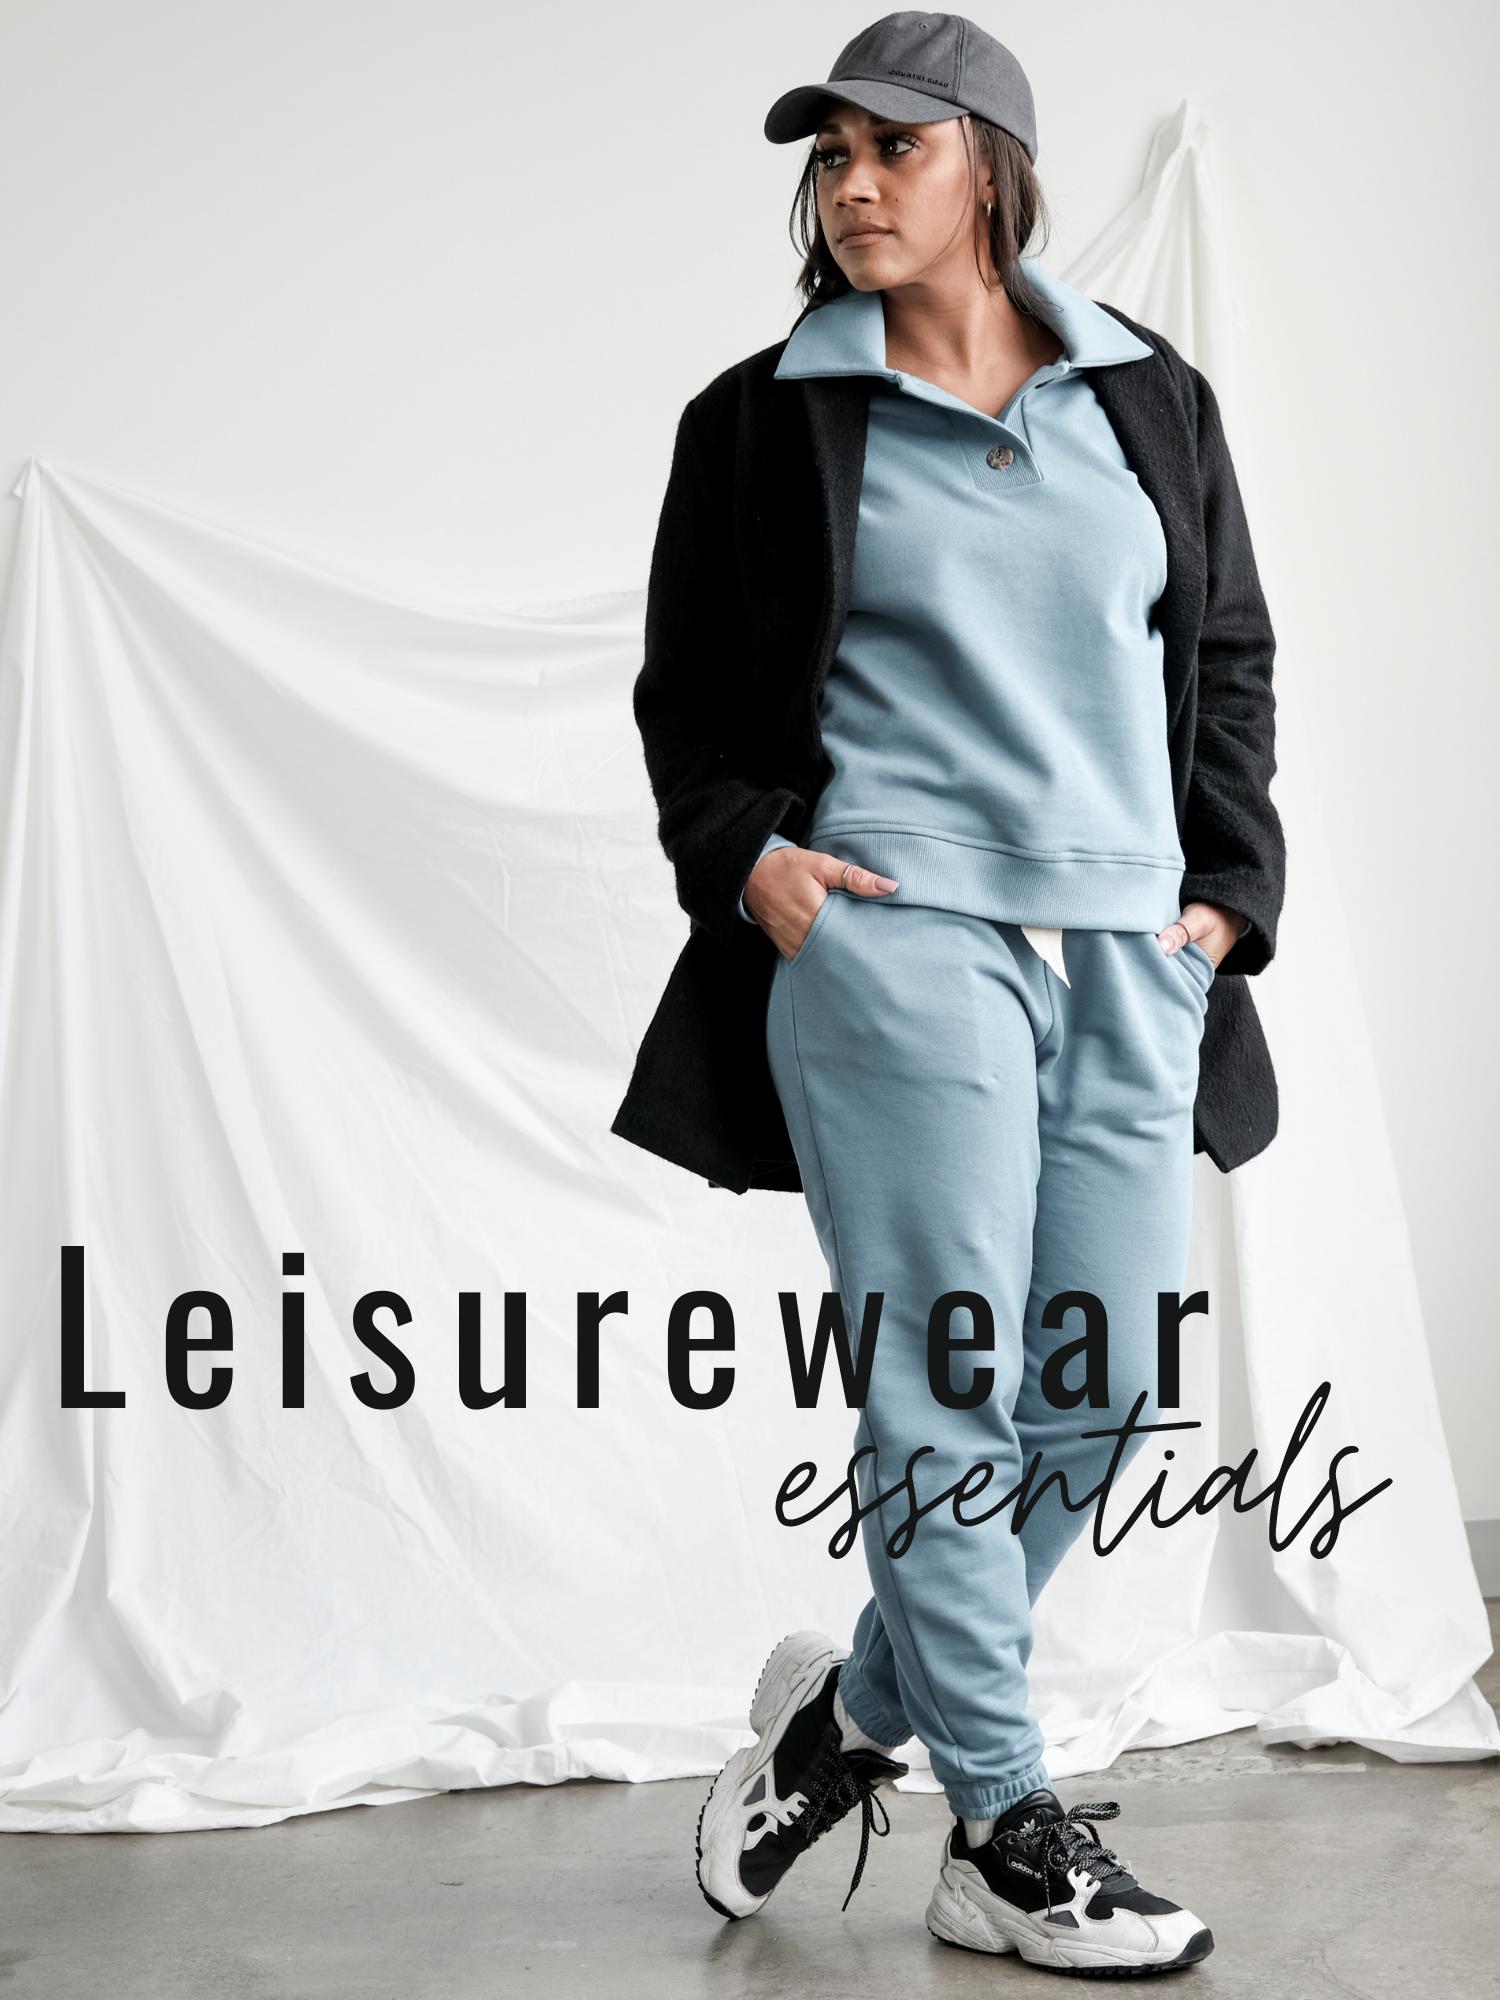 Leisurewear essentials